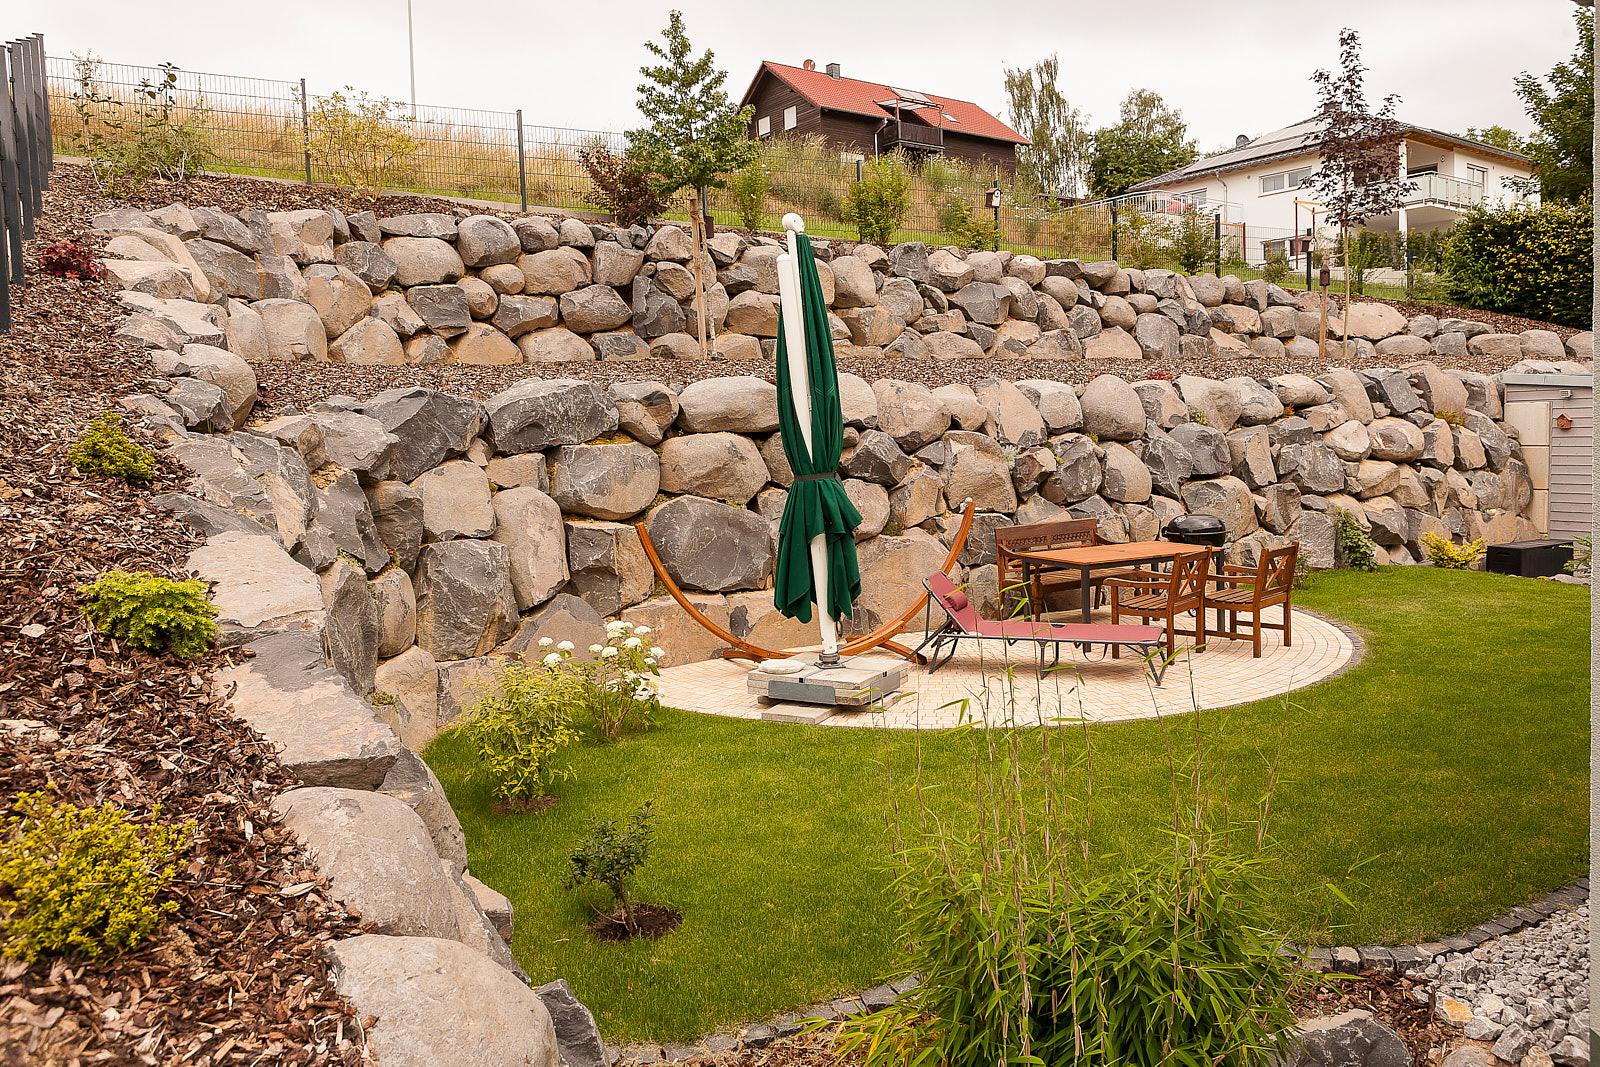 Bezaubernd Sitzplatz Garten Galerie Von 180623 33 Niederneisen Hang